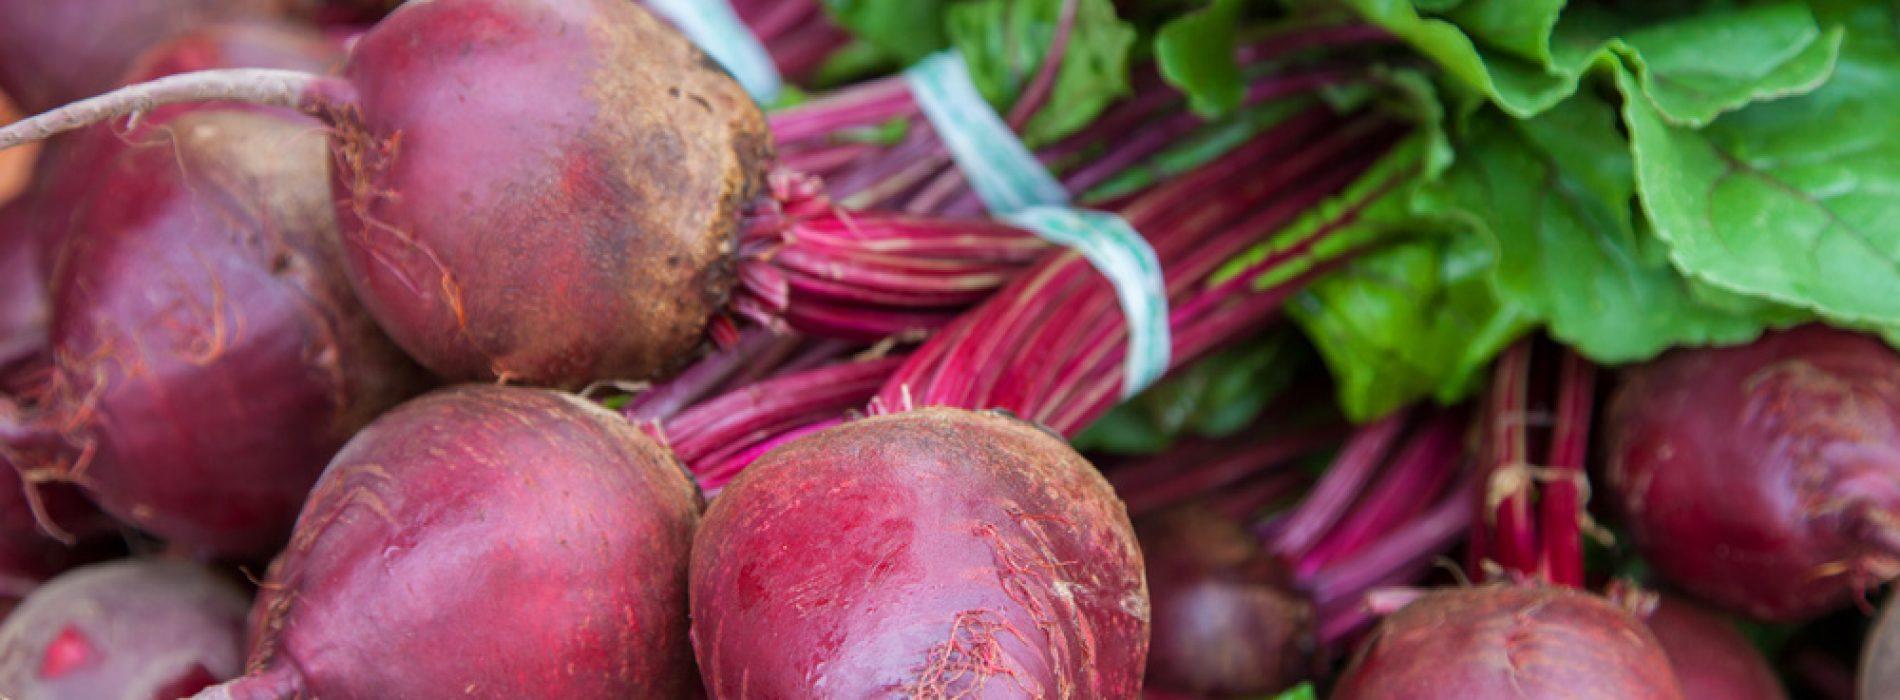 De bewezen gezondheidsvoordelen van rode bieten